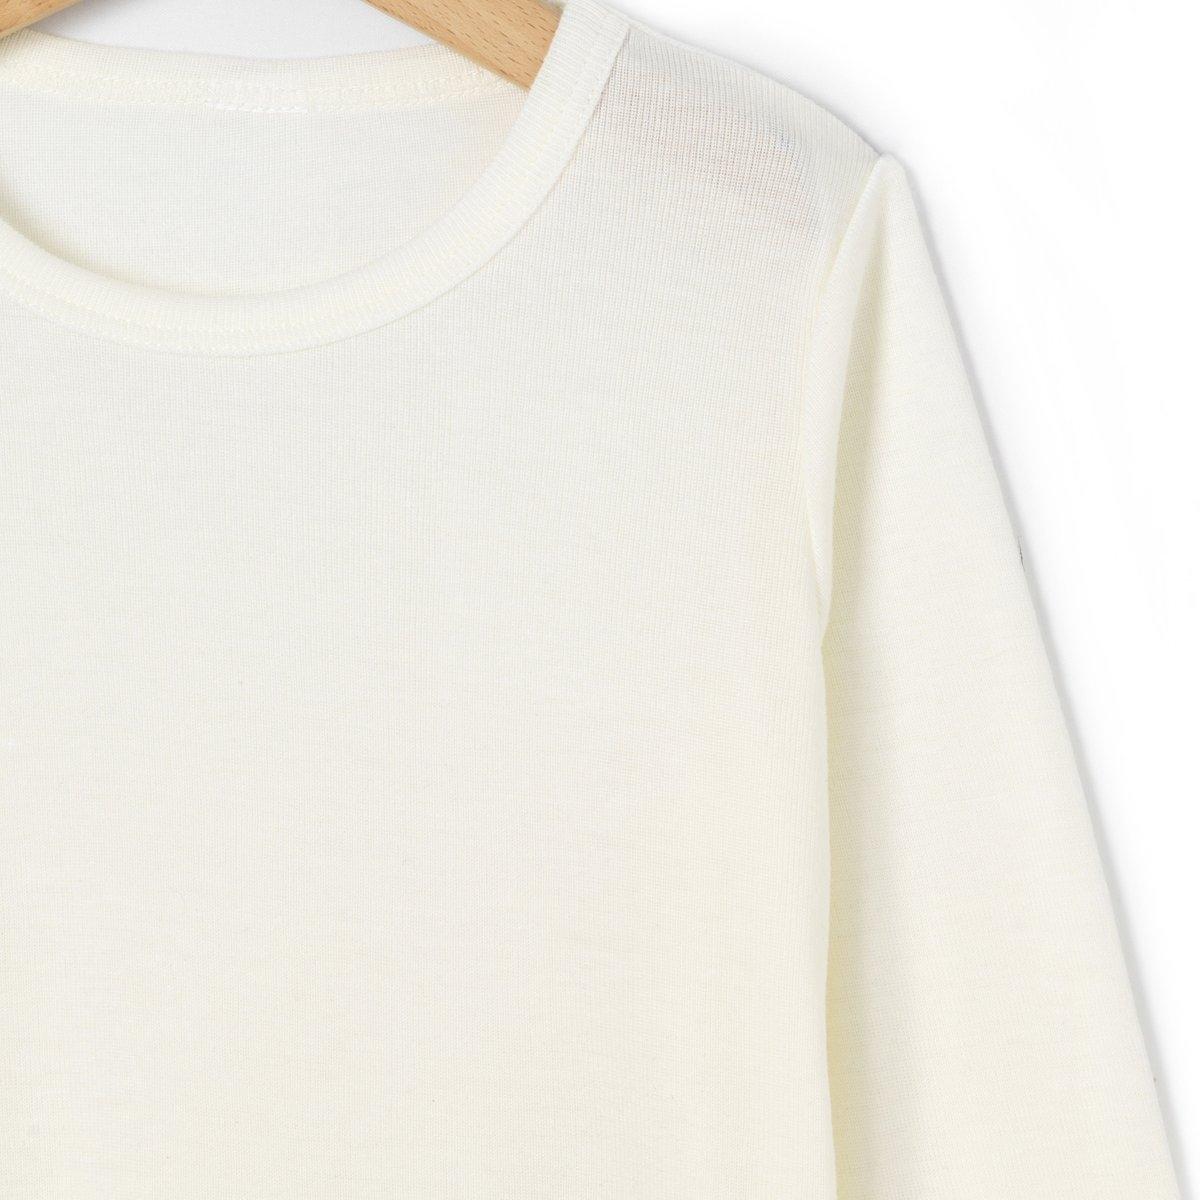 Теплая футболка с длинными рукавами, 2-12 лет от La Redoute